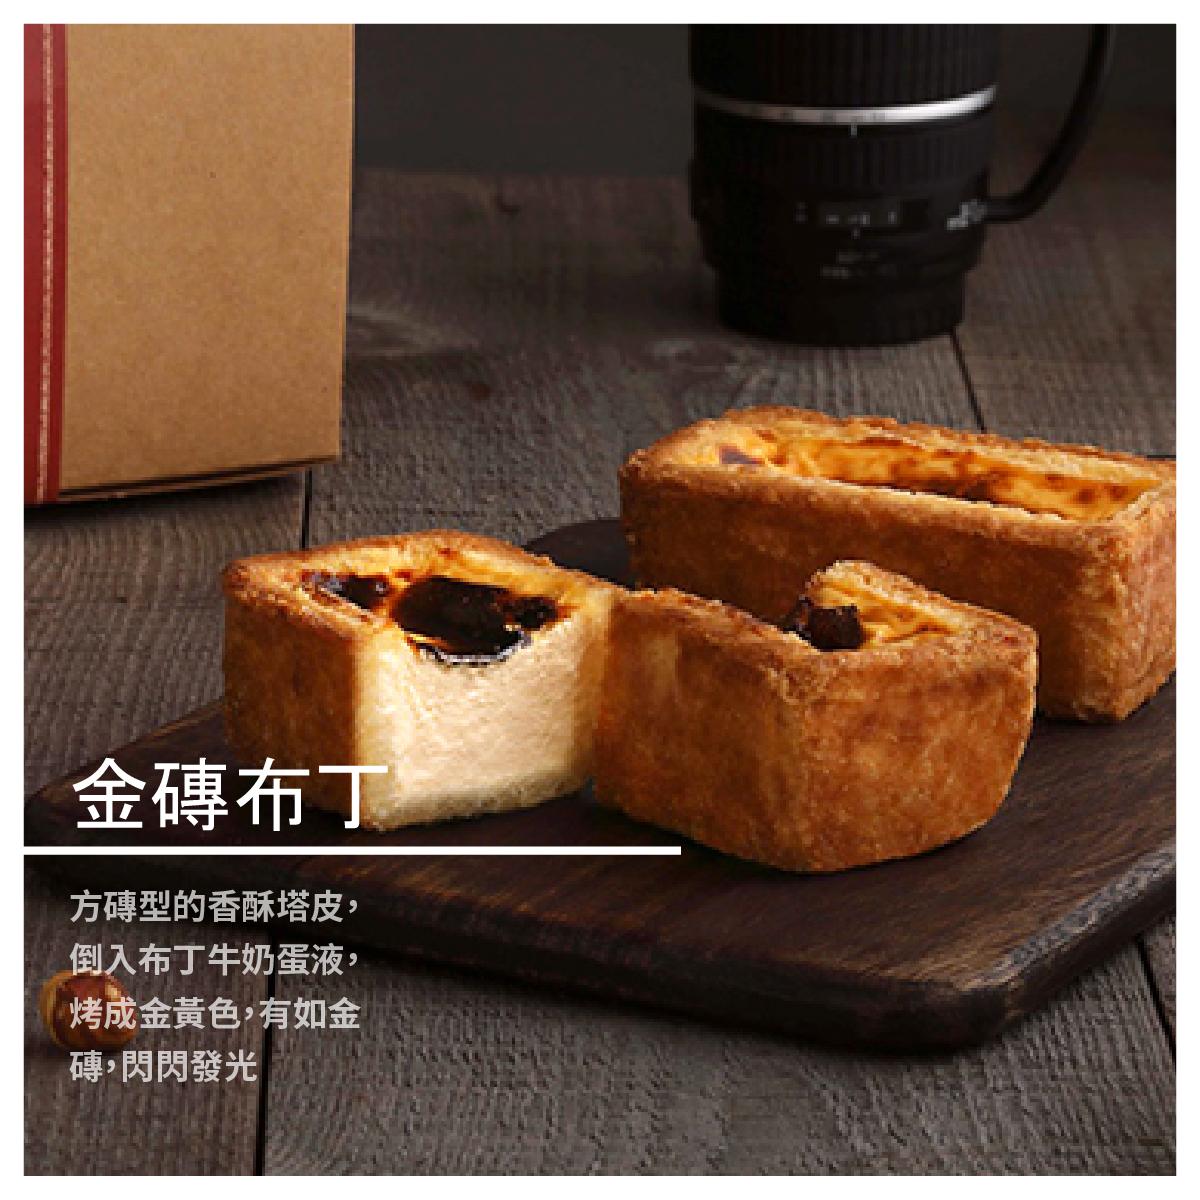 【影咖啡】金磚布丁6入/盒